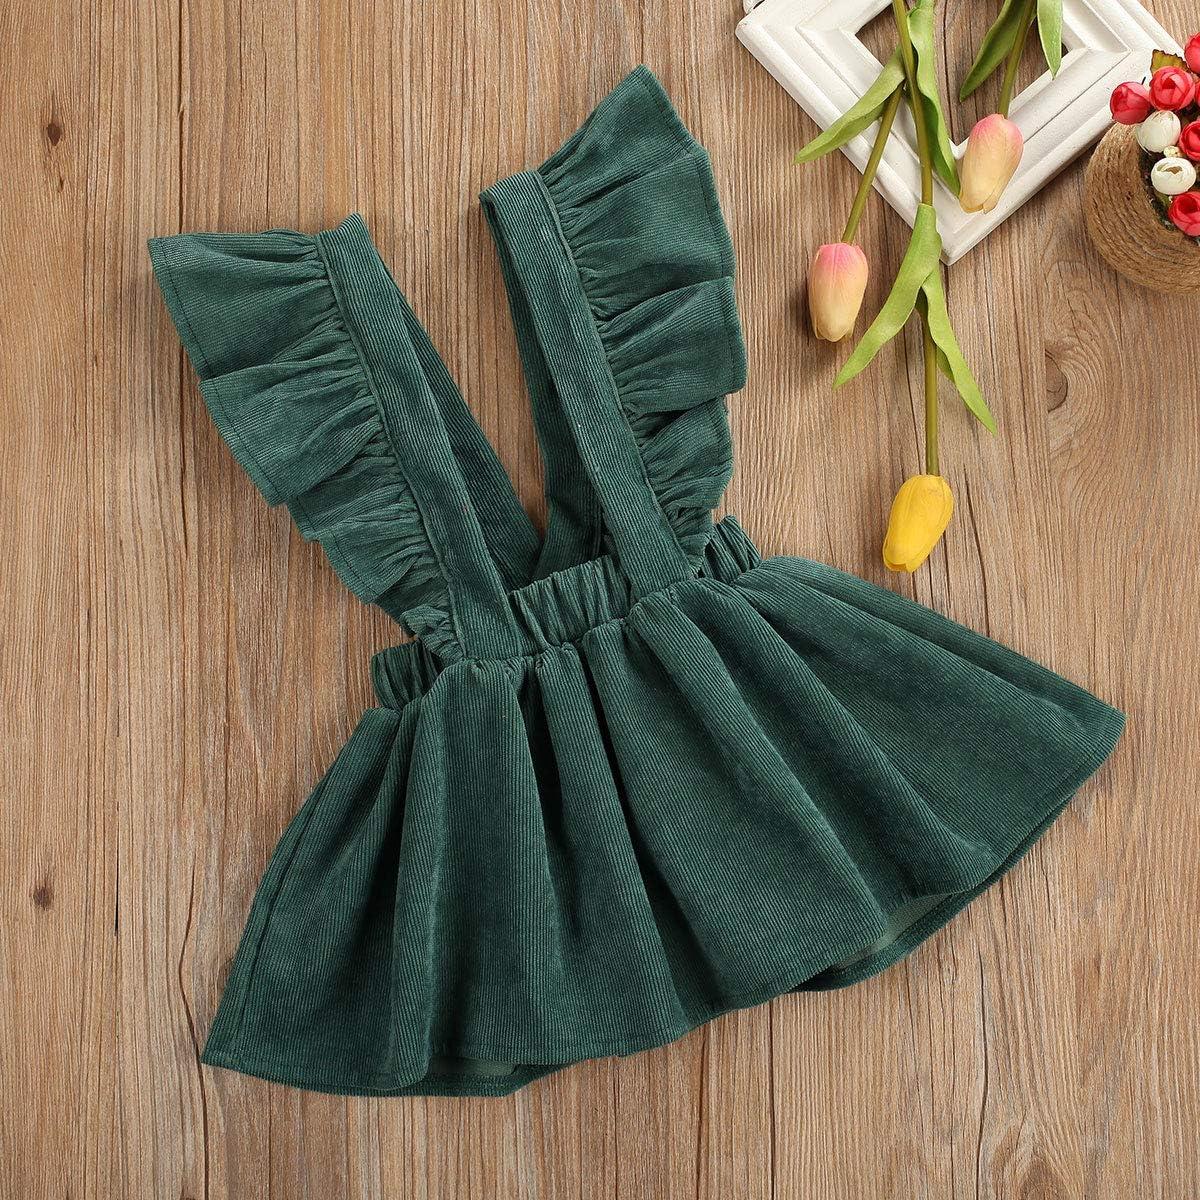 FAROOT Infant Toddler Girl Denim Brace Suspender Skirt Overall Ruffled Strap Sundress Summer Dress Clothes